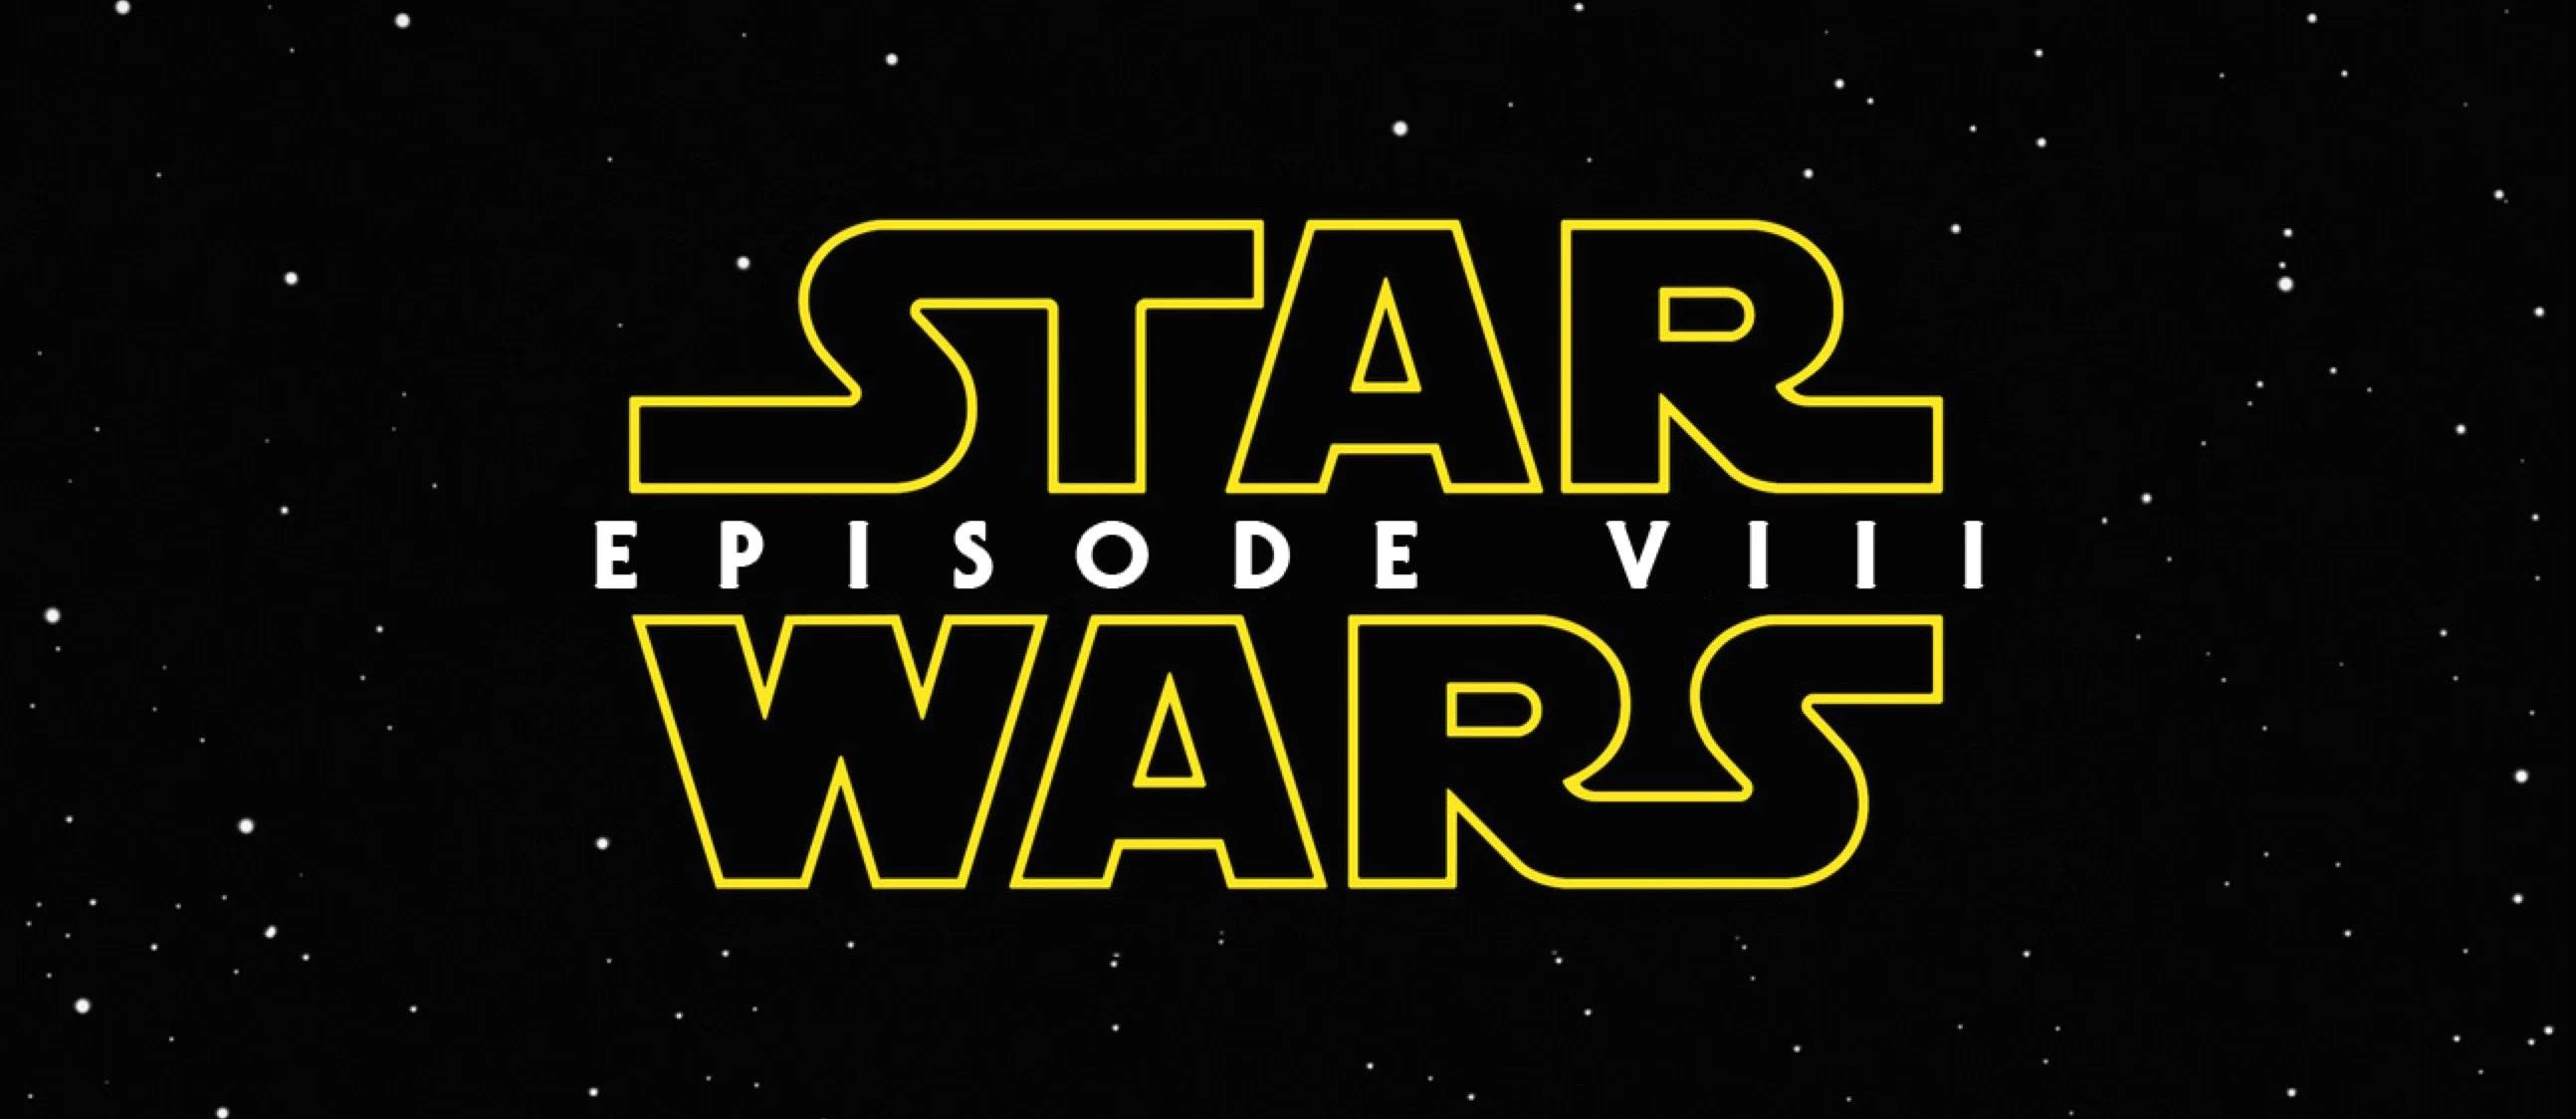 Star Wars Episode VIII Images